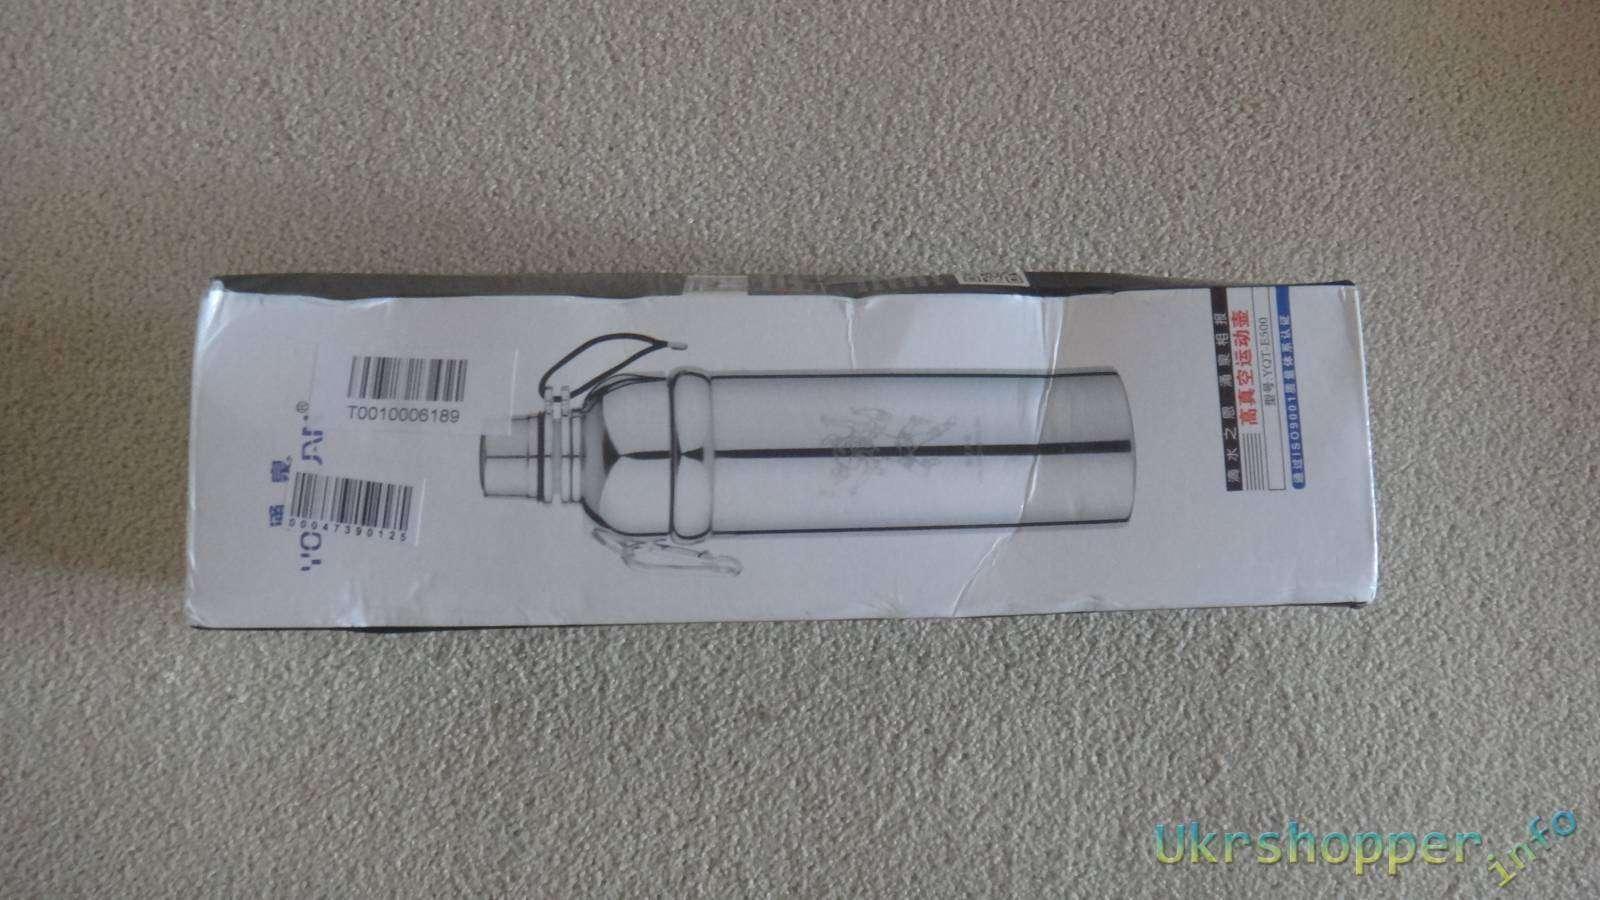 DealExtreme: Обзор спортивного 0,5 л термоса из нержавейки